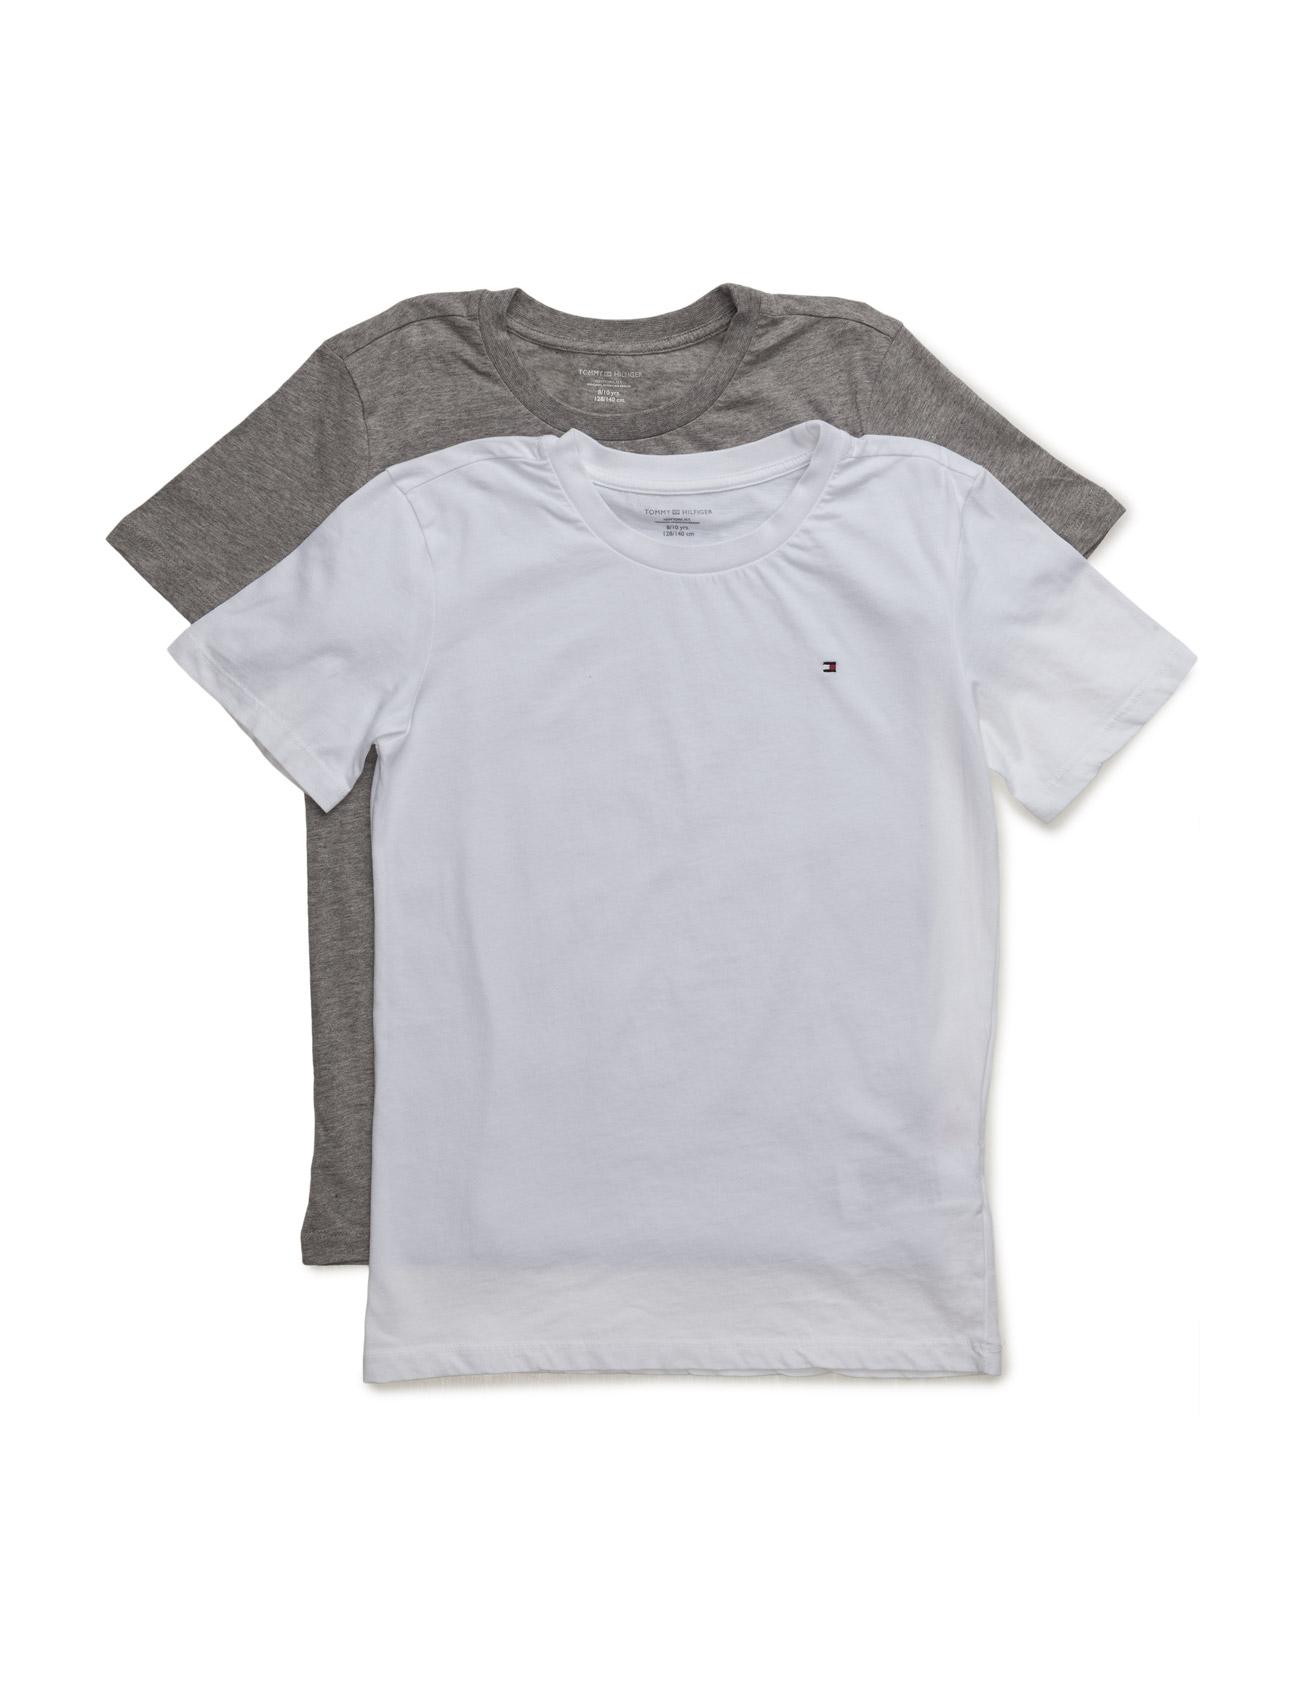 Cotton Cn Tee Ss Icon 2 Pack Tommy Hilfiger Kortærmede t-shirts til Børn i hvid